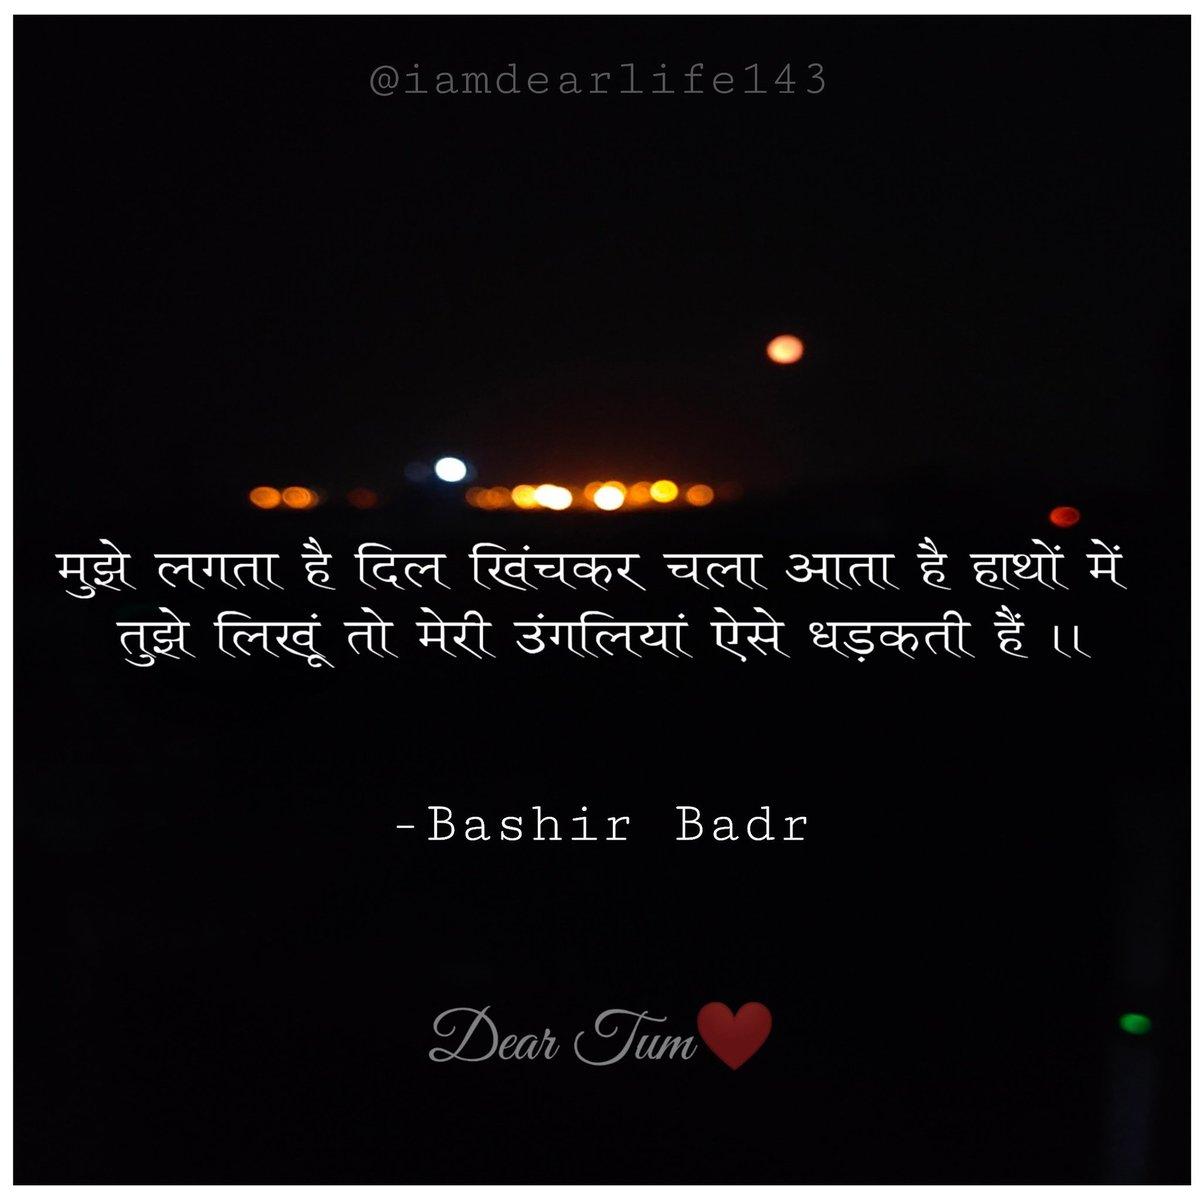 #shayari #hindishayari #love #loveshayari #sad #sadshayari #poetry #hindipoety #hindiquotes #hindishayrilover #poetrycommunity #hindimotivationalquotes #motivation #motivationalquotes #motivationalshayari #motivationallines #motivatiinalthoughts #kumarvishwaspoetry #kumarvishwass